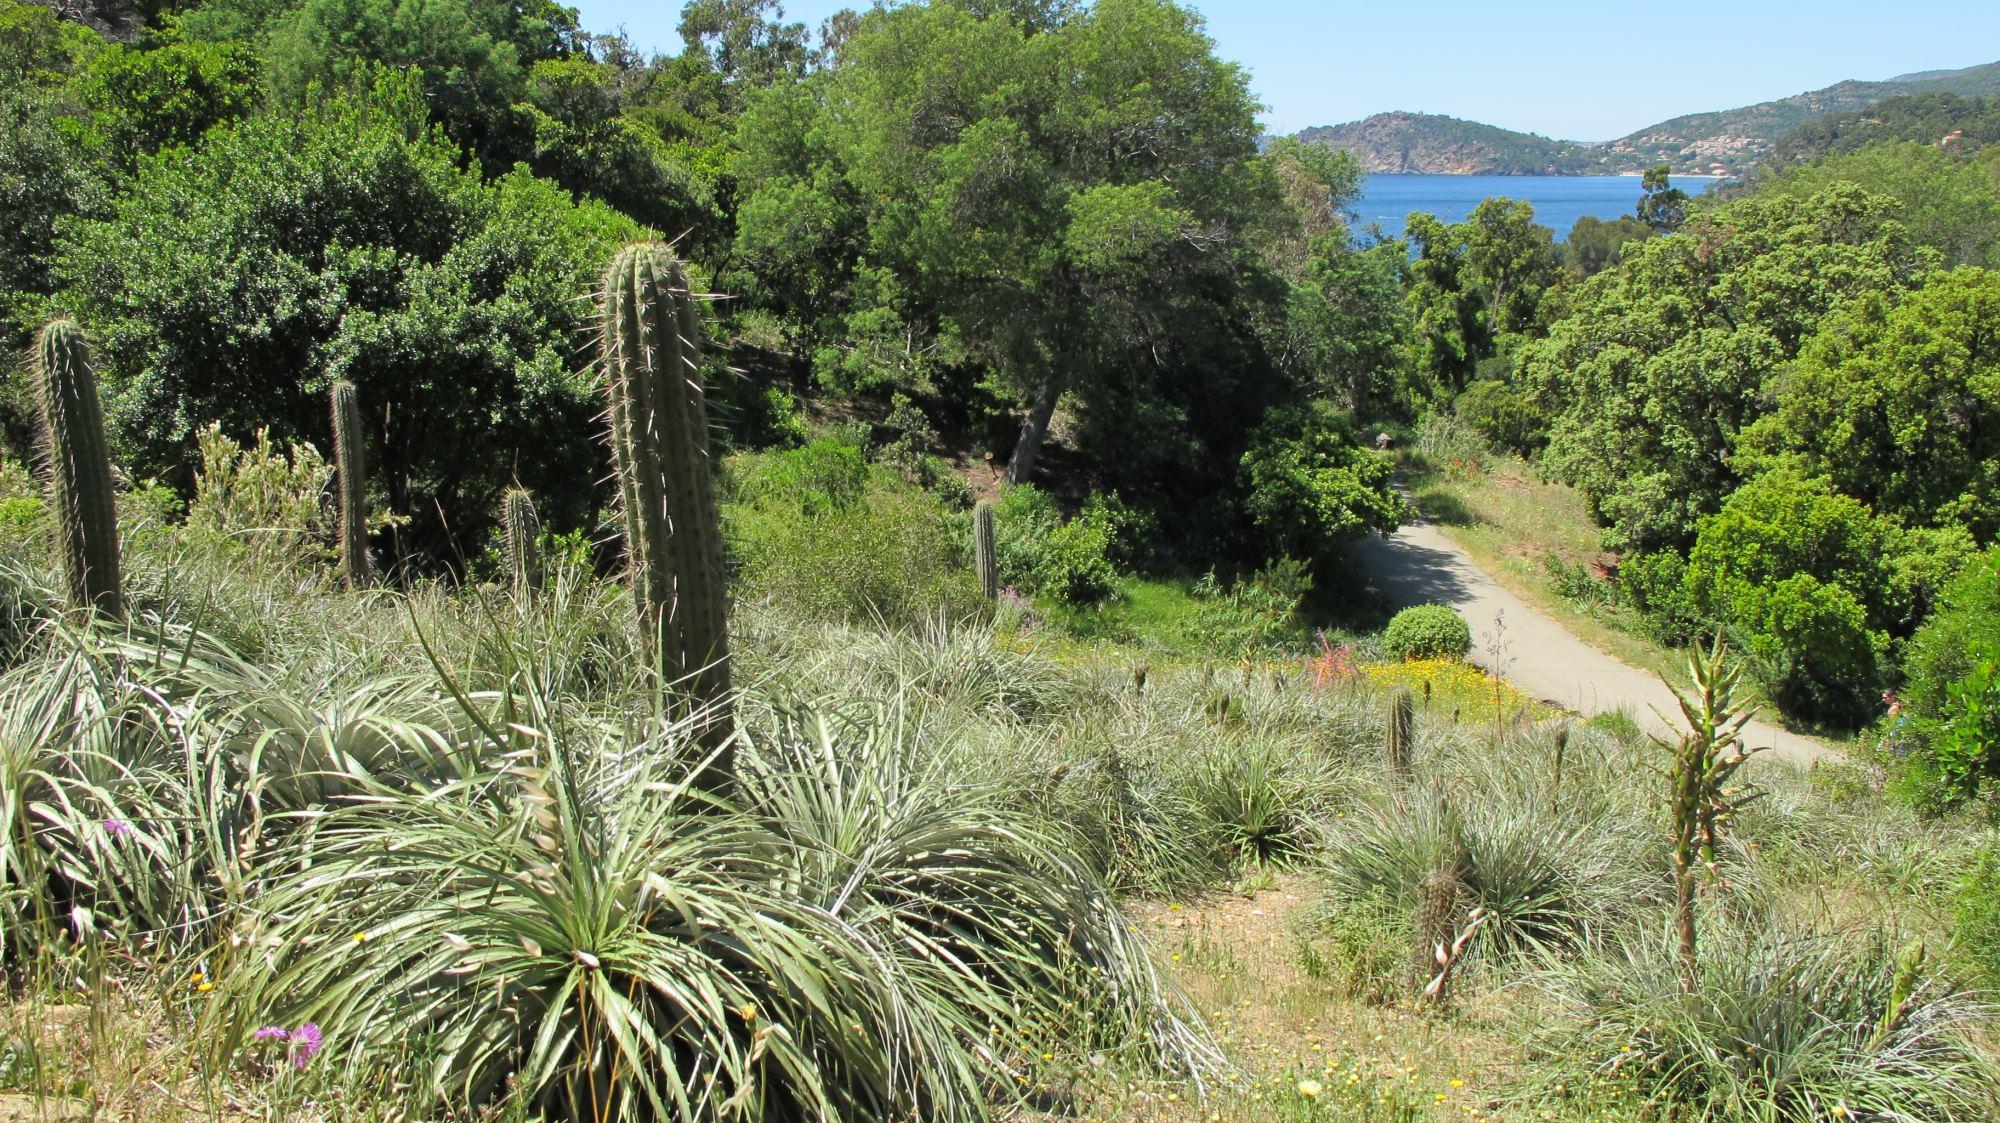 Domaine du rayol le jardin des m diterran es sorties - Domaine du rayol le jardin des mediterranees ...